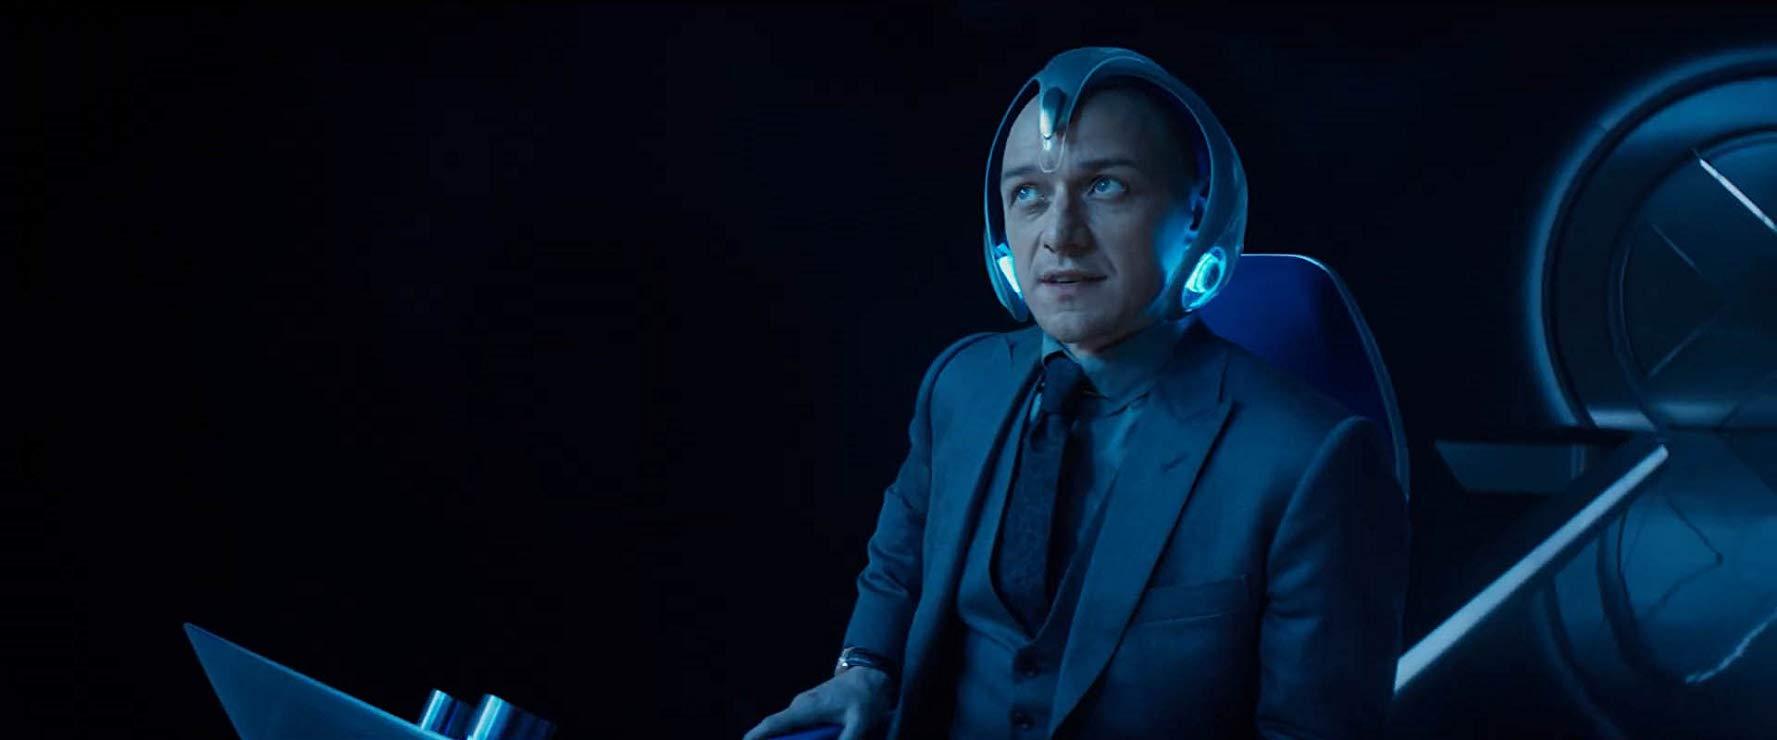 «Тёмный Феникс»: фильм, где мы прощаемся с Людьми Икс 15